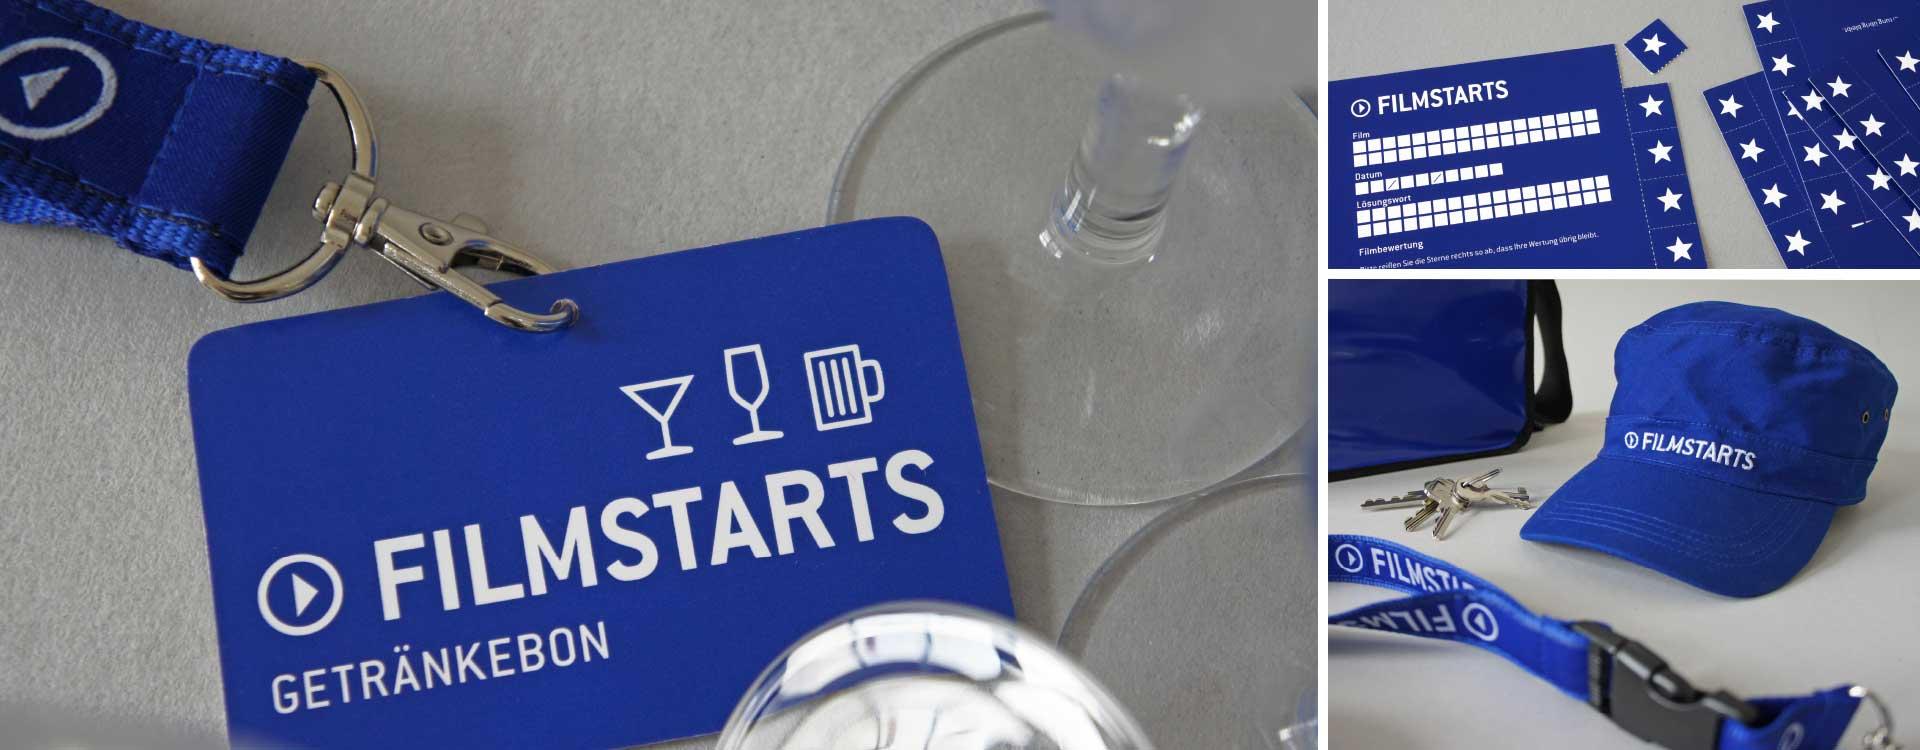 Getränkebon, Filmbewertungskarten und Mütze mit dem Logo Filmstarts